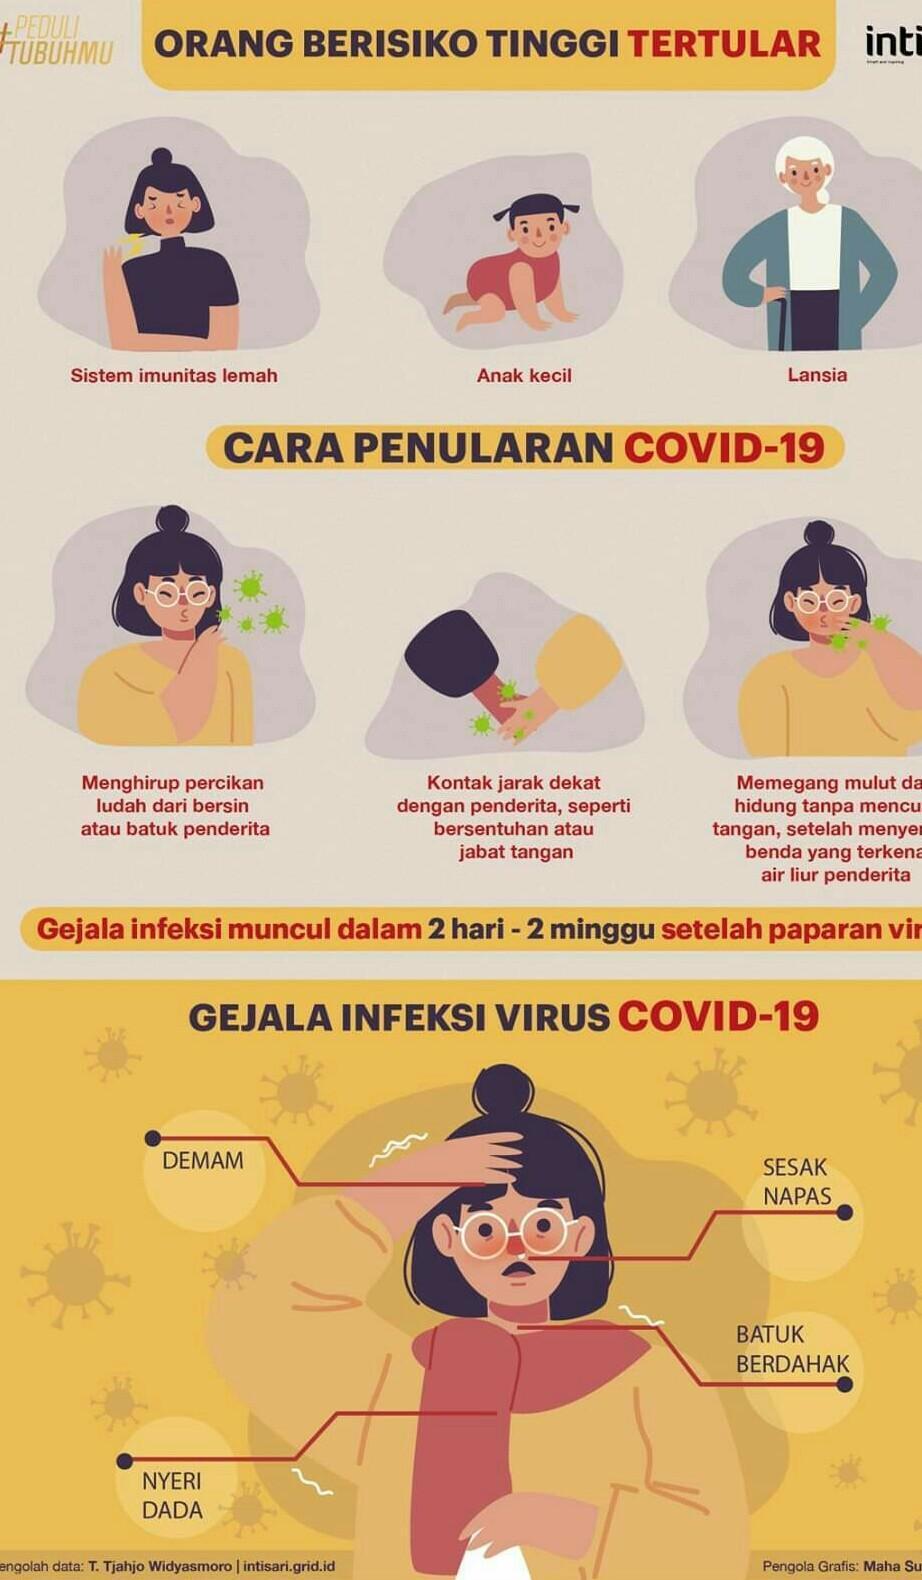 Contoh Poster Cara Pencegahan Covid 19 Dalam Bahasa ...